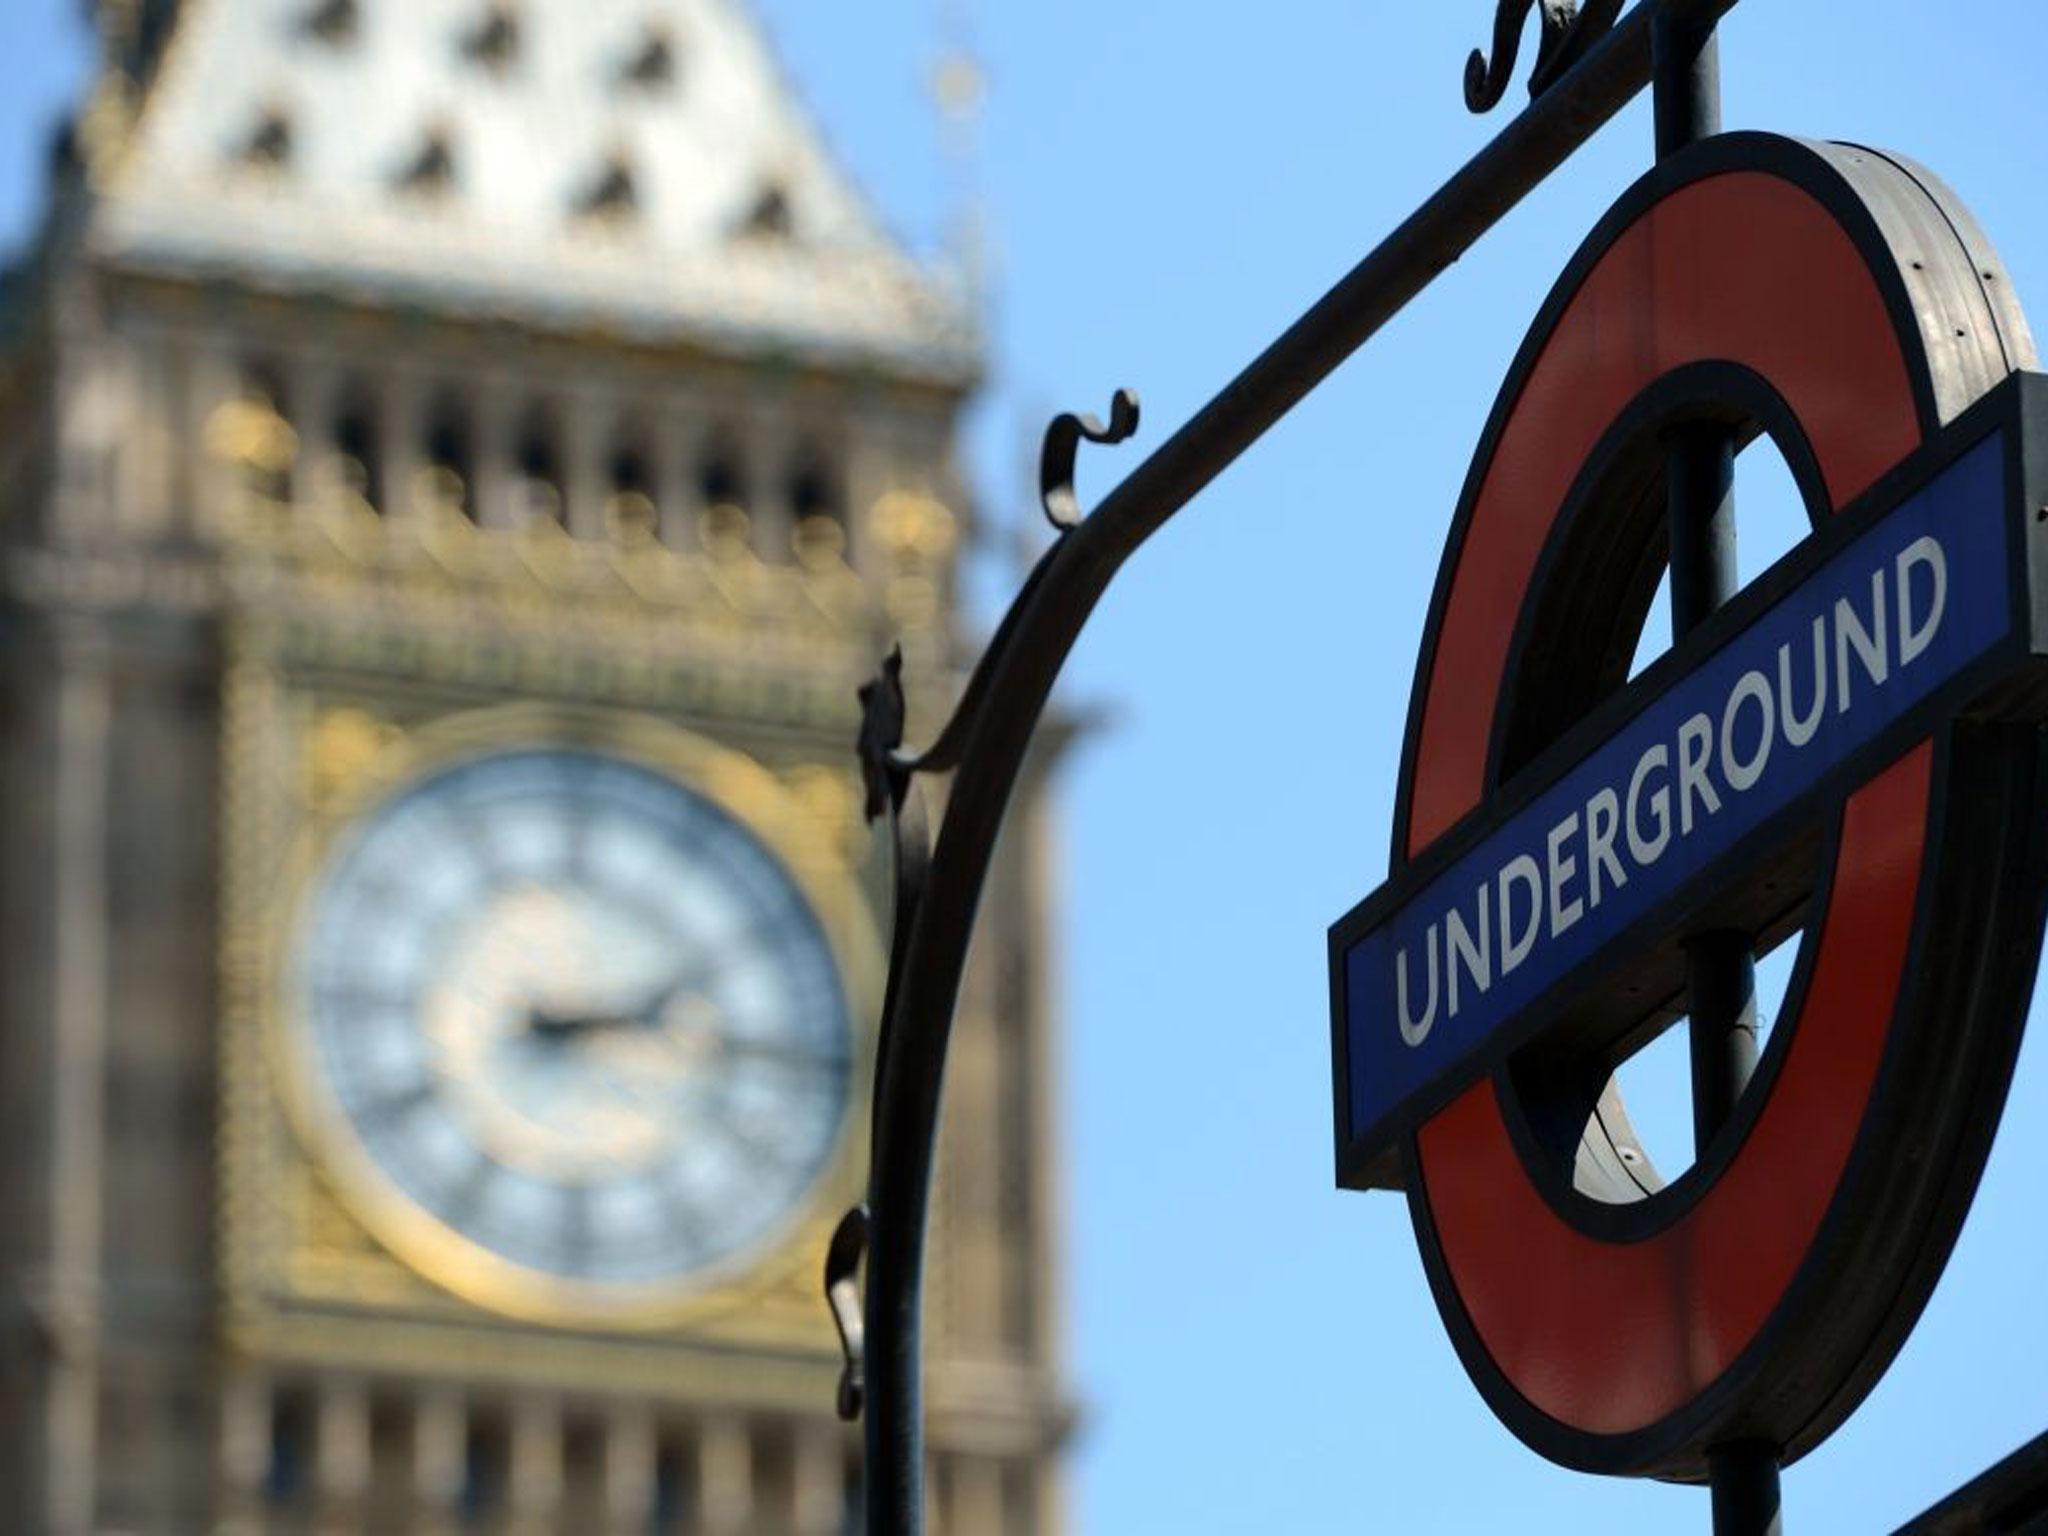 London underground sign next to Big Ben clock.